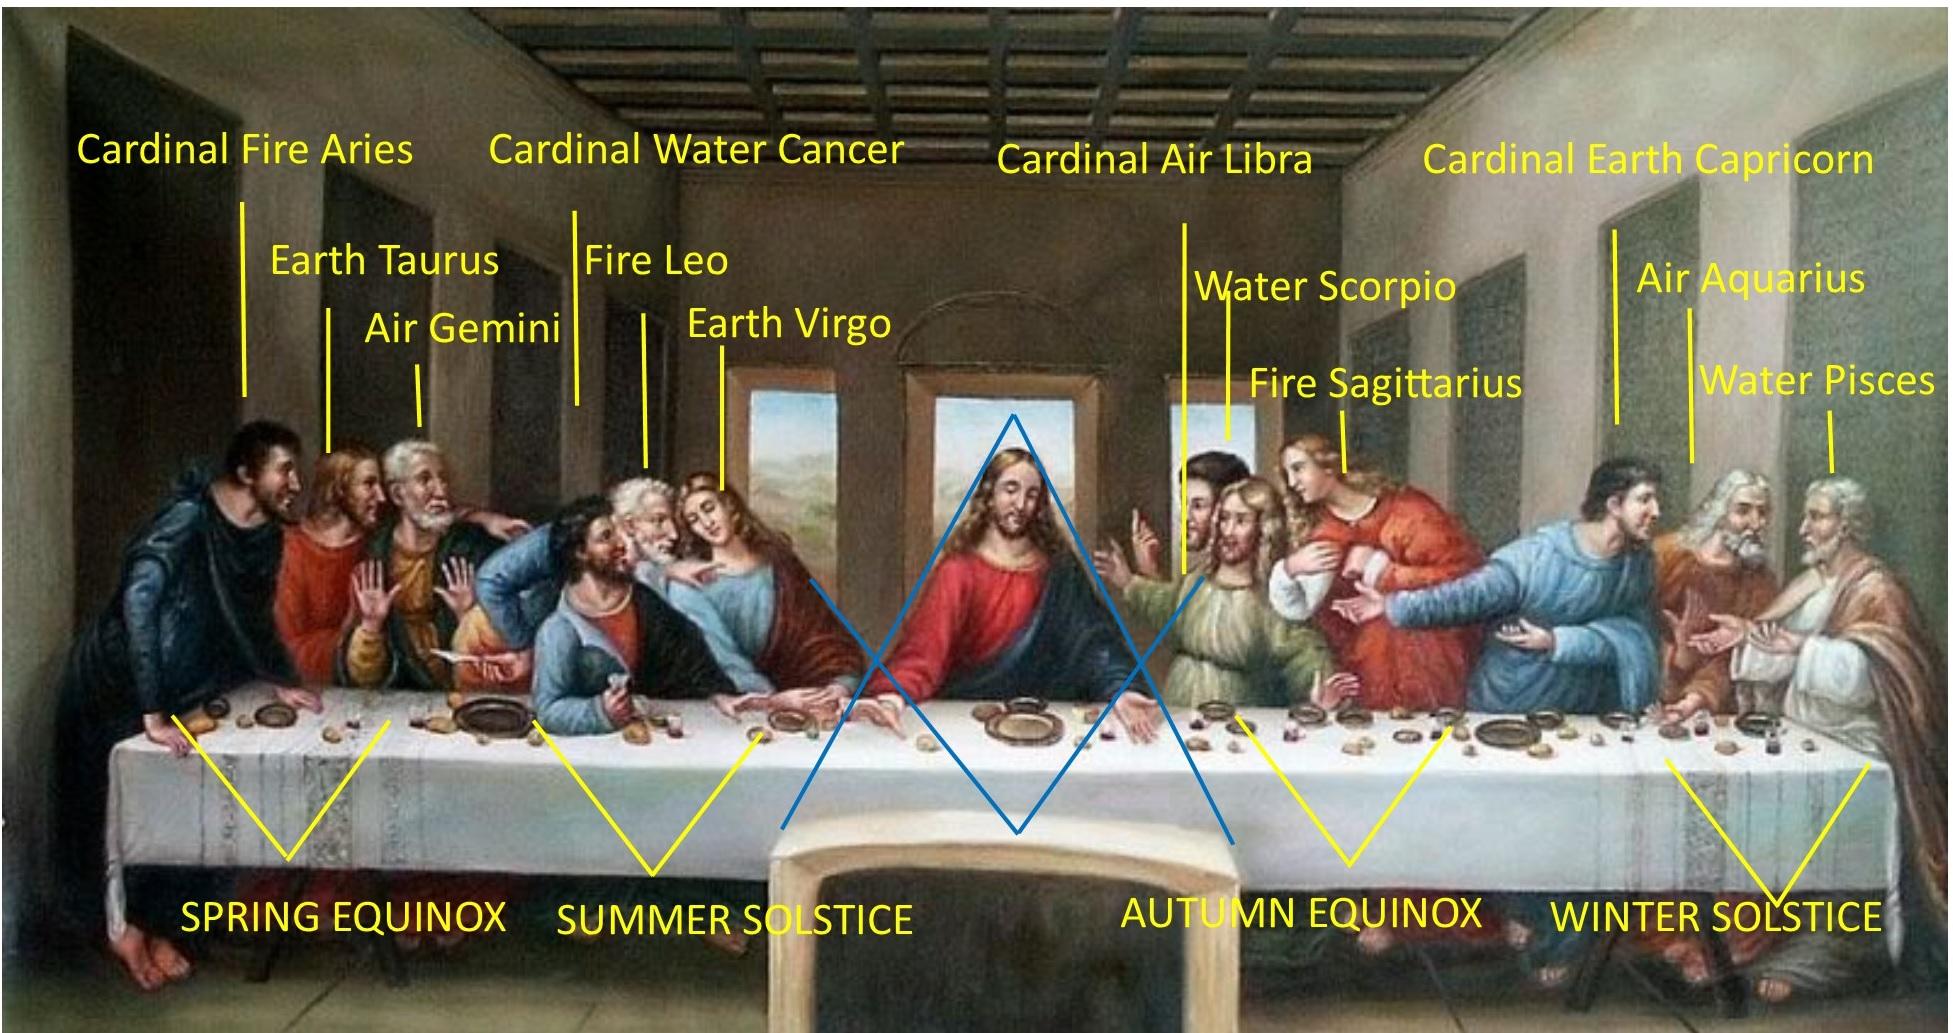 Zodiile ascunse în Cina cea de Taină a lui Da Vinci. Ce nativ este Iisus, de fapt